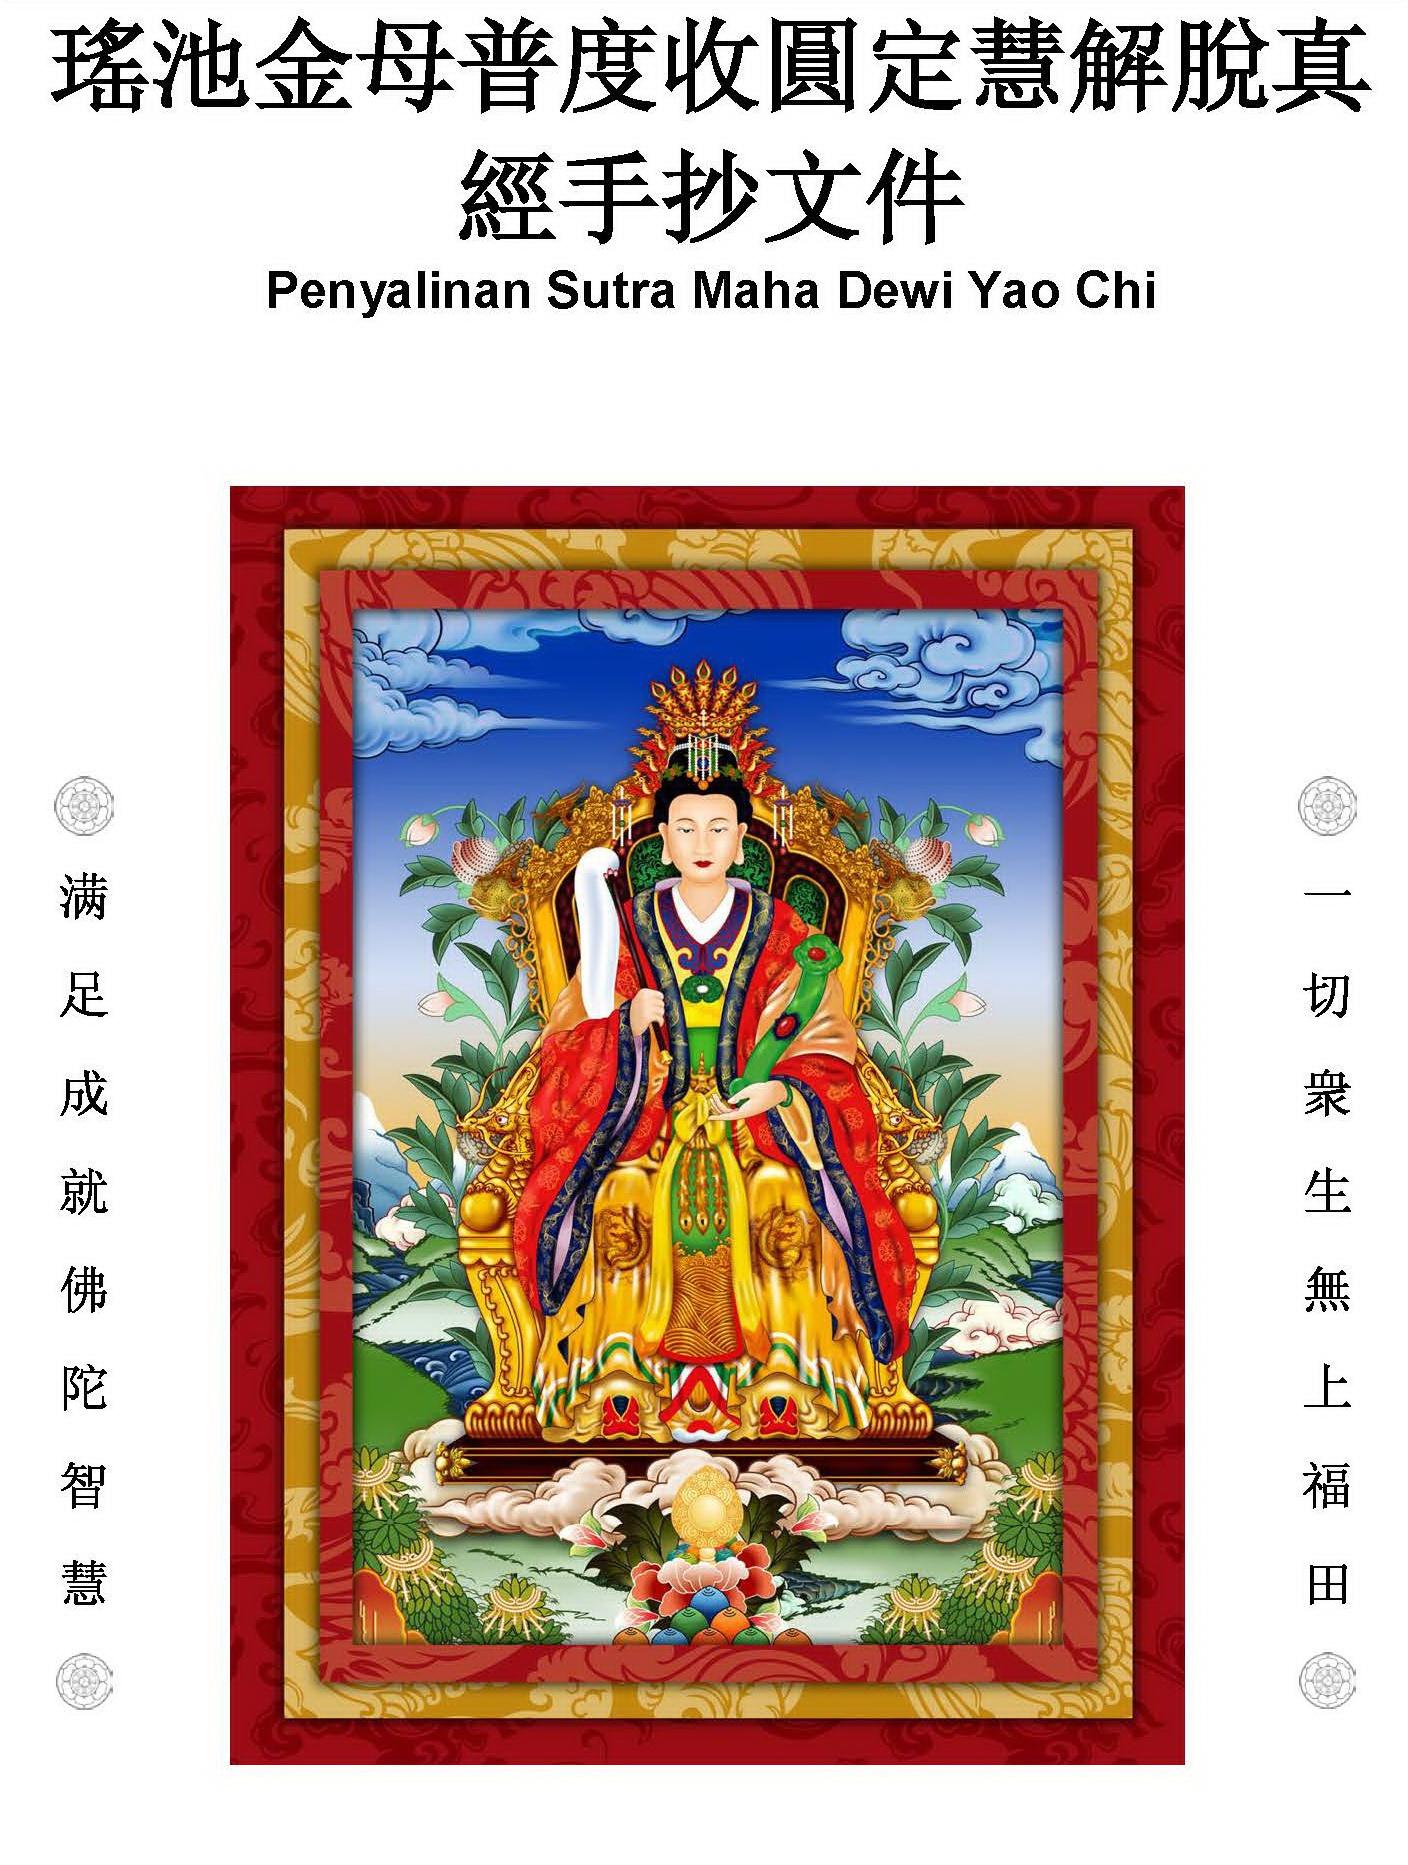 Penyalinan Sutra Maha Dewi Yao Chi Versi Kedua